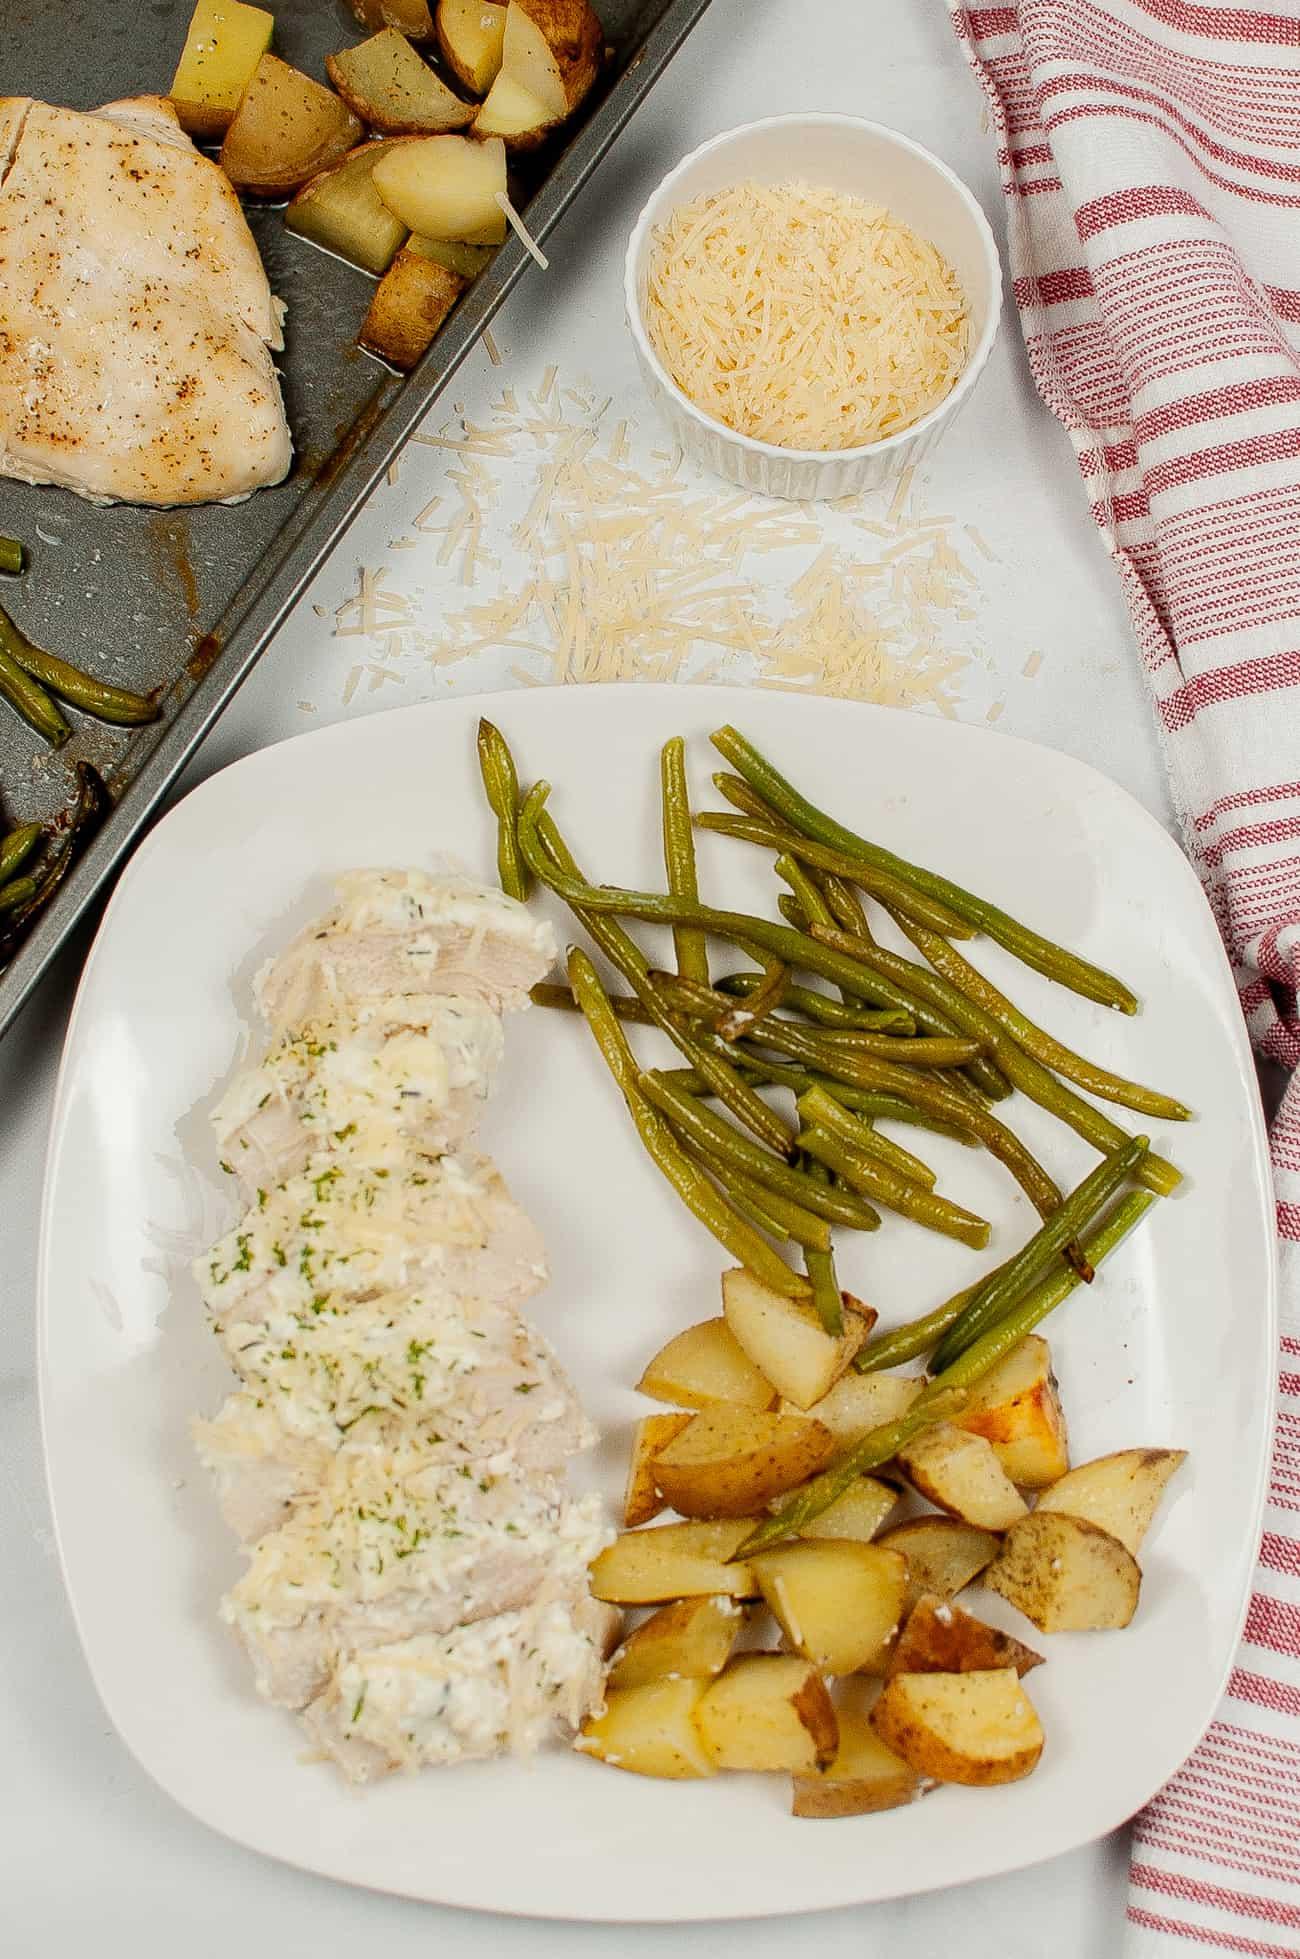 Creamy Garlic Herb Chicken